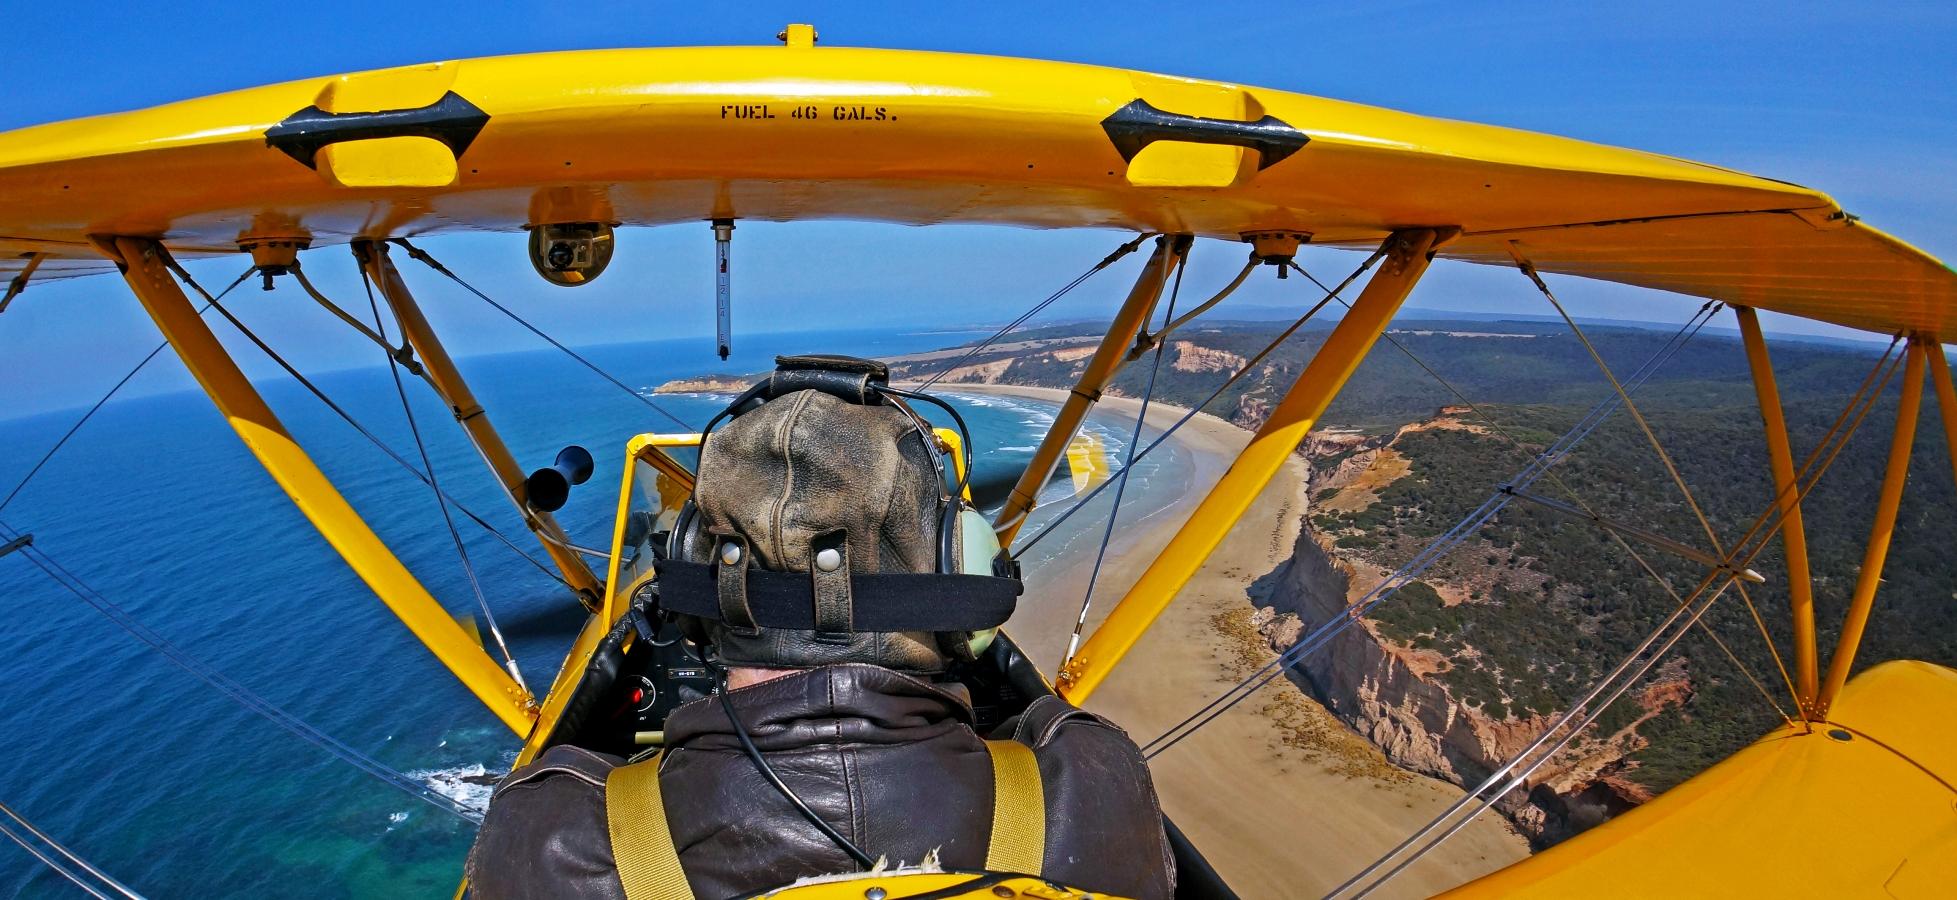 Tiger Moth World flight along the Great Ocean Road